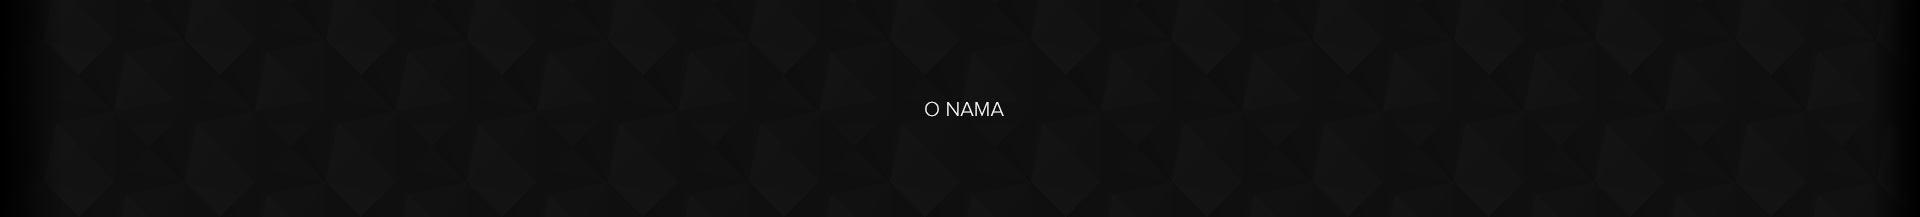 O Nama